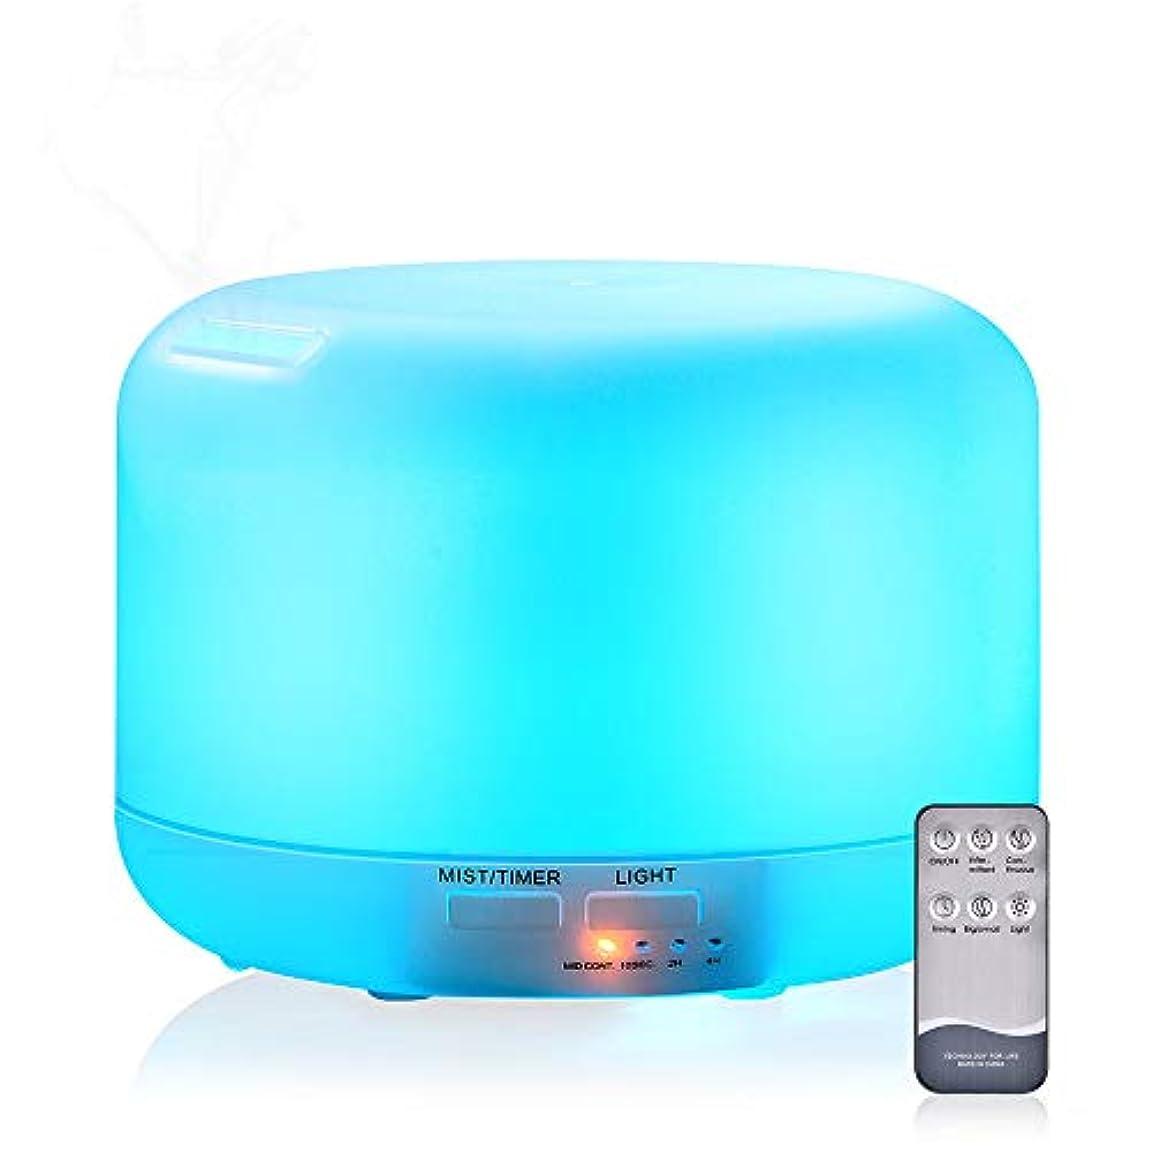 避難する荒れ地思想500ミリメートルリモコン空気アロマ超音波加湿器カラーLEDライト電気アロマセラピーエッセンシャルオイルディフューザー